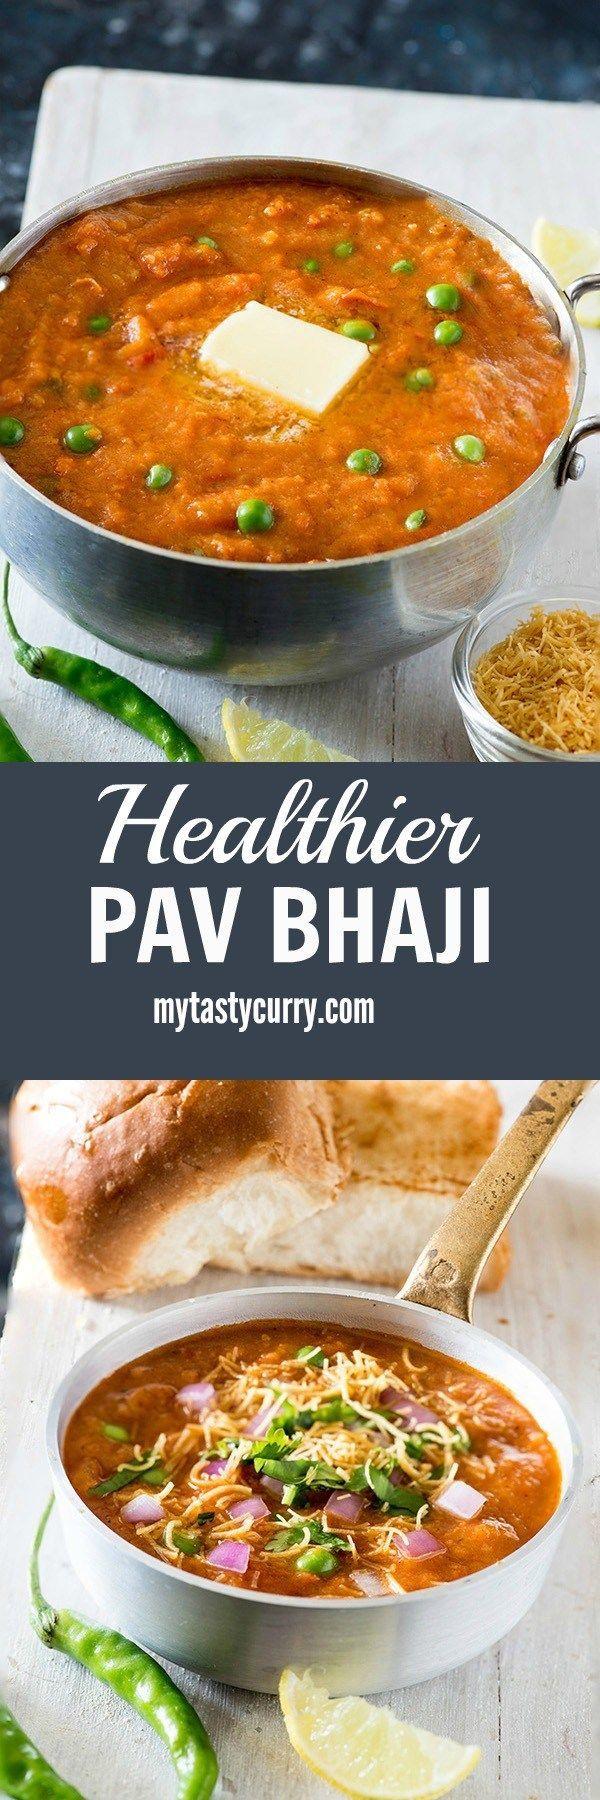 Pav bhaji healthier recipe of mumbai street food pav bhaji pav bhaji healthier recipe of mumbai street food pav bhaji forumfinder Gallery